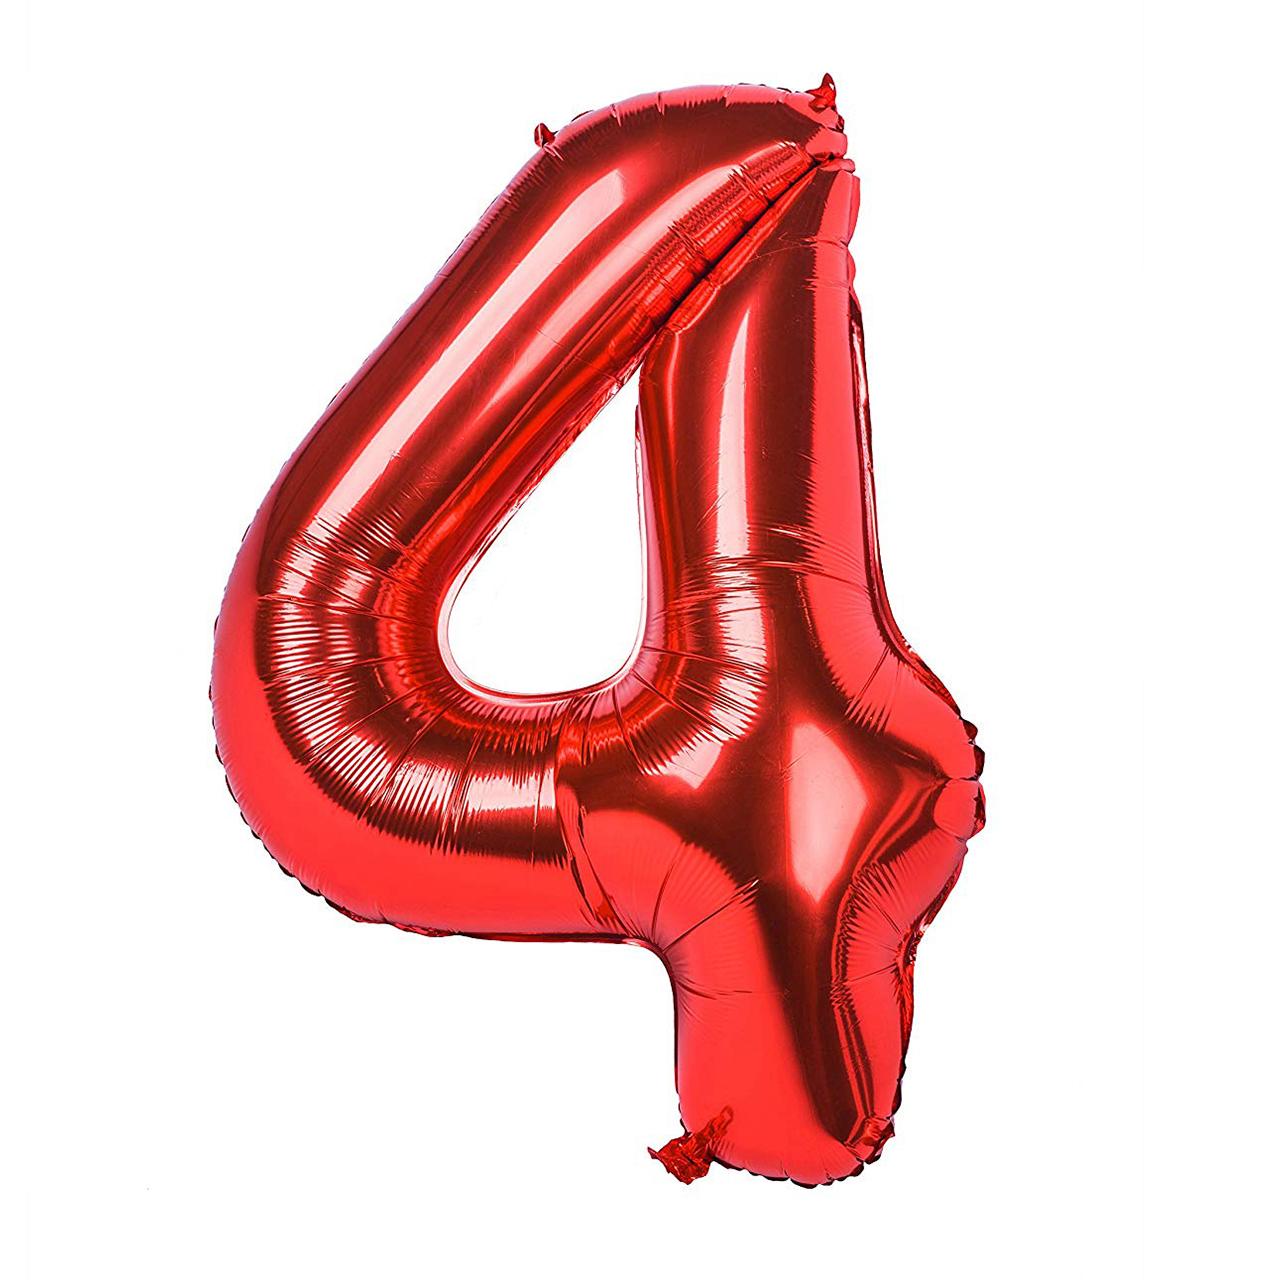 بادکنک فویلی عدد 4  هپی بری قرمز سایز 32 اینچ